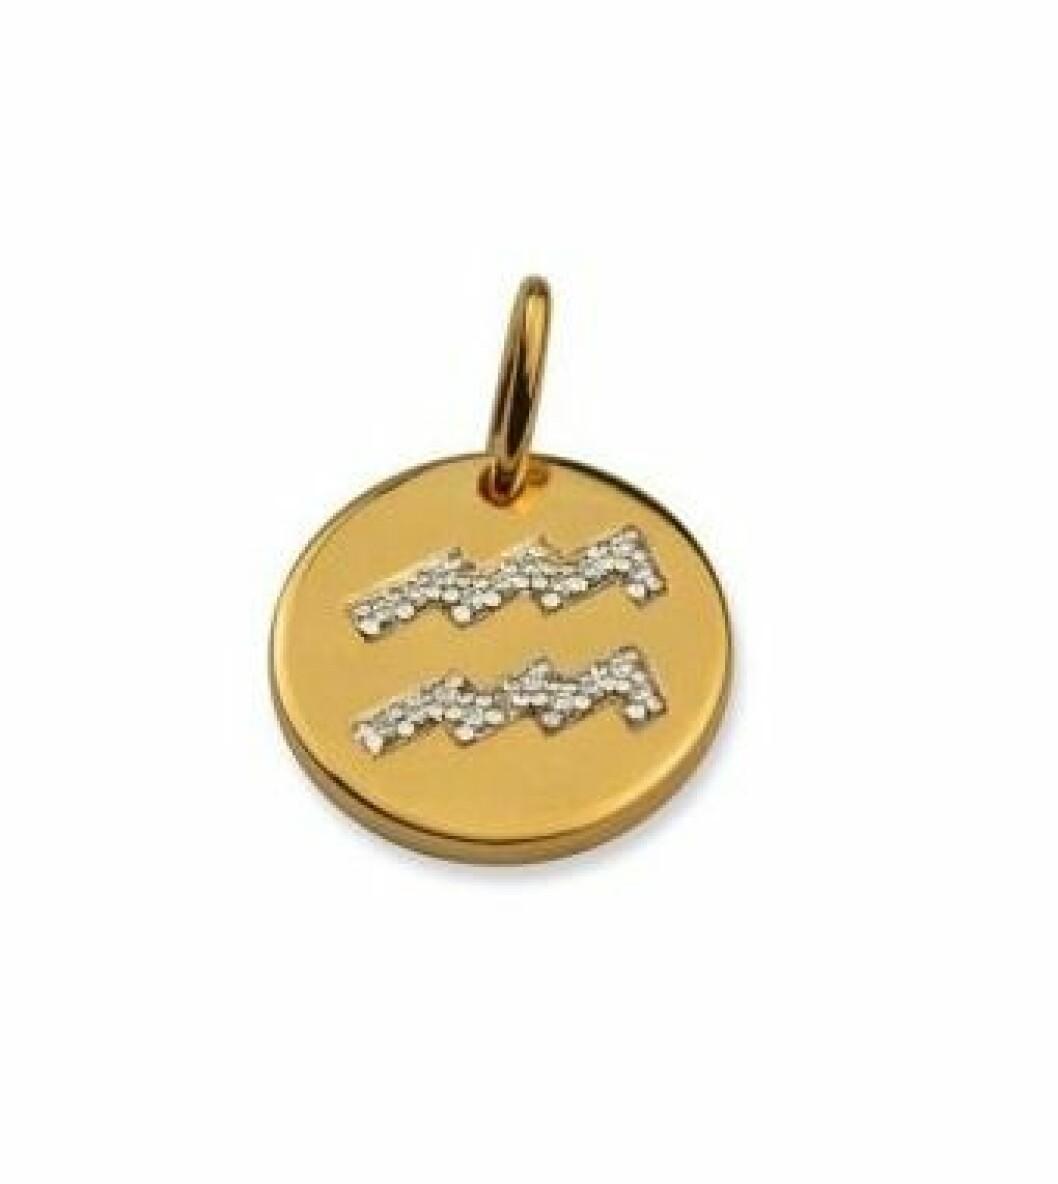 Smycke med stjärntecken vattumannen